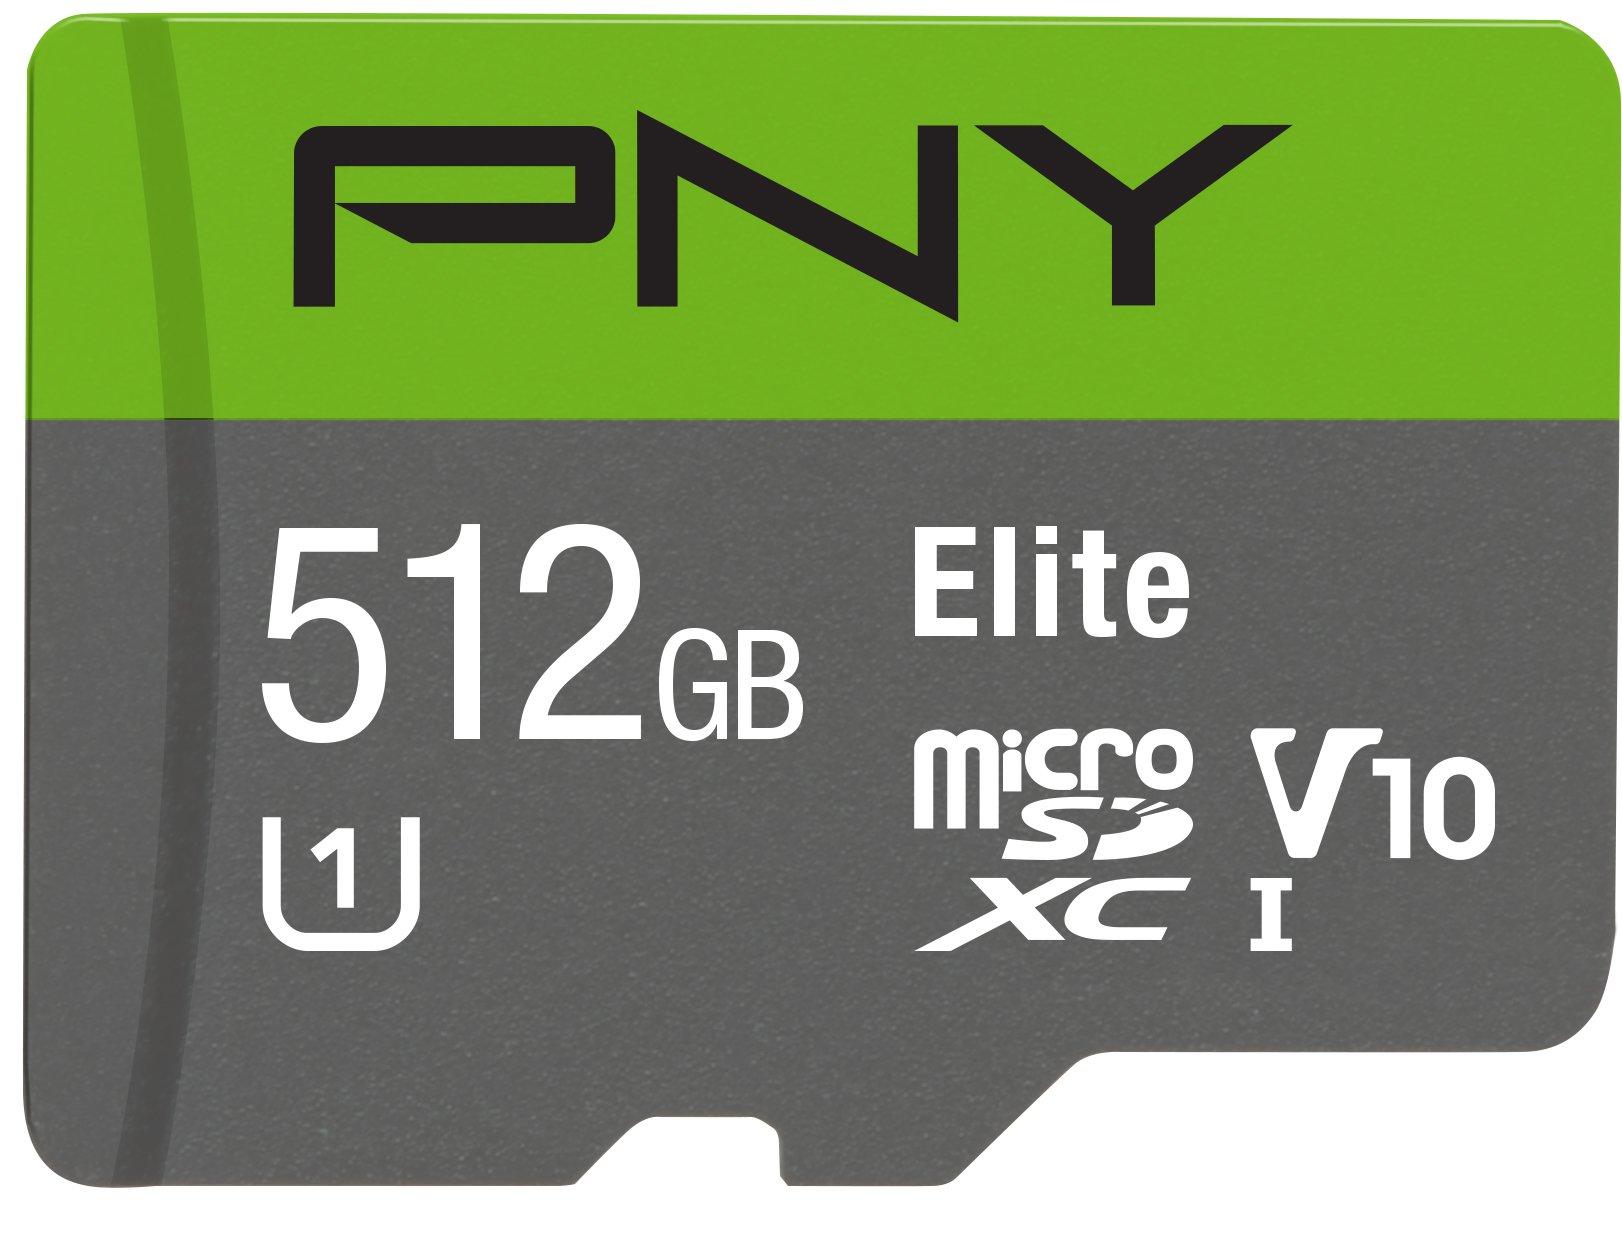 PNY Elite 512GB microSDXC Card, Up to 90MB/S - (P-SDU512U190EL-GE) by PNY